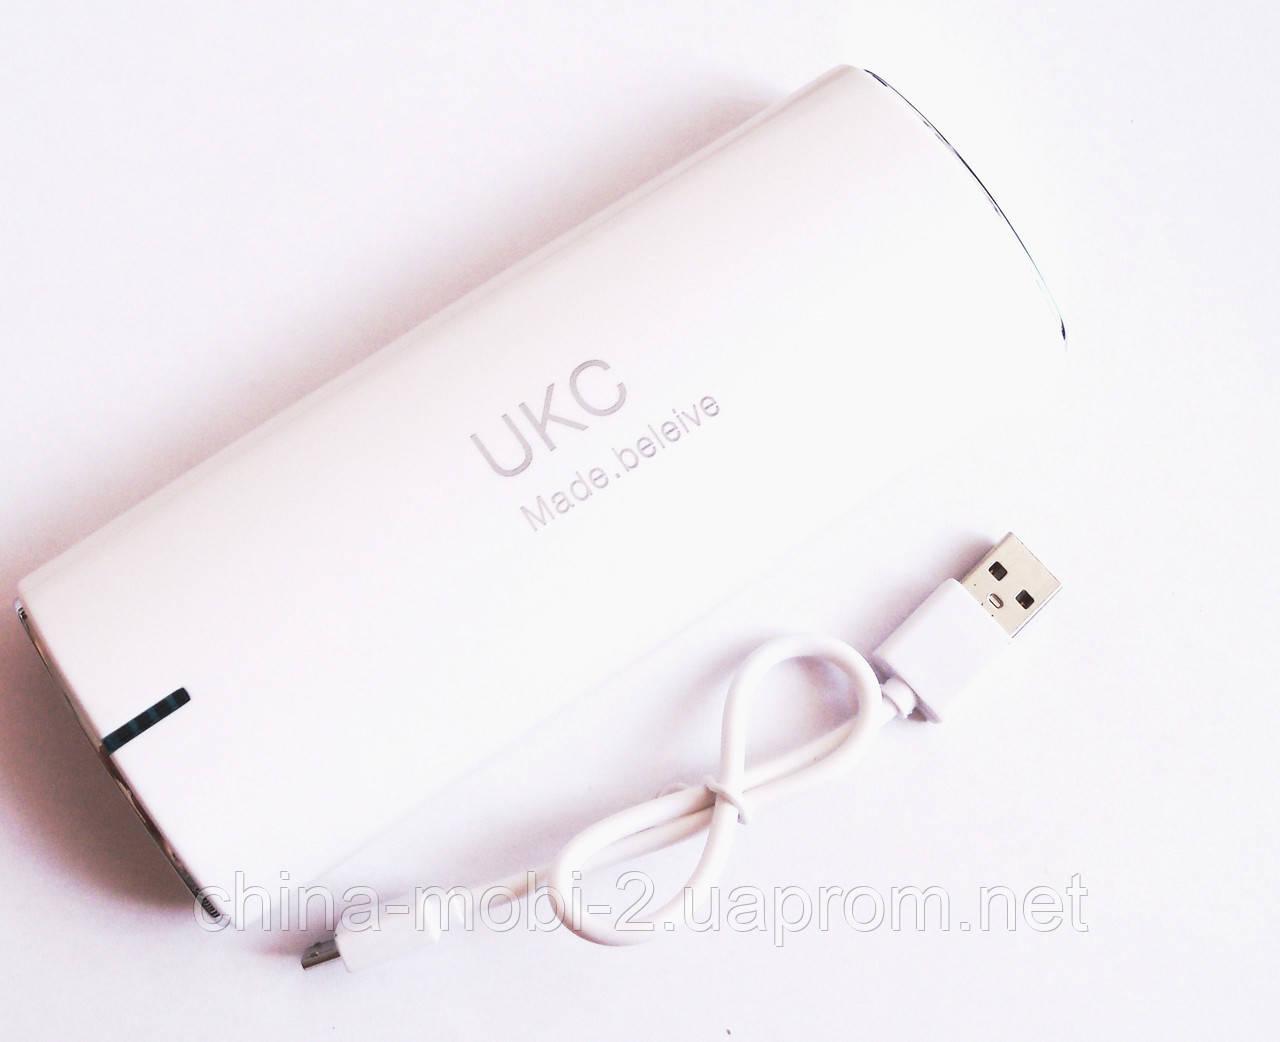 Универсальная батарея  -UKC power bank 20000 mAh